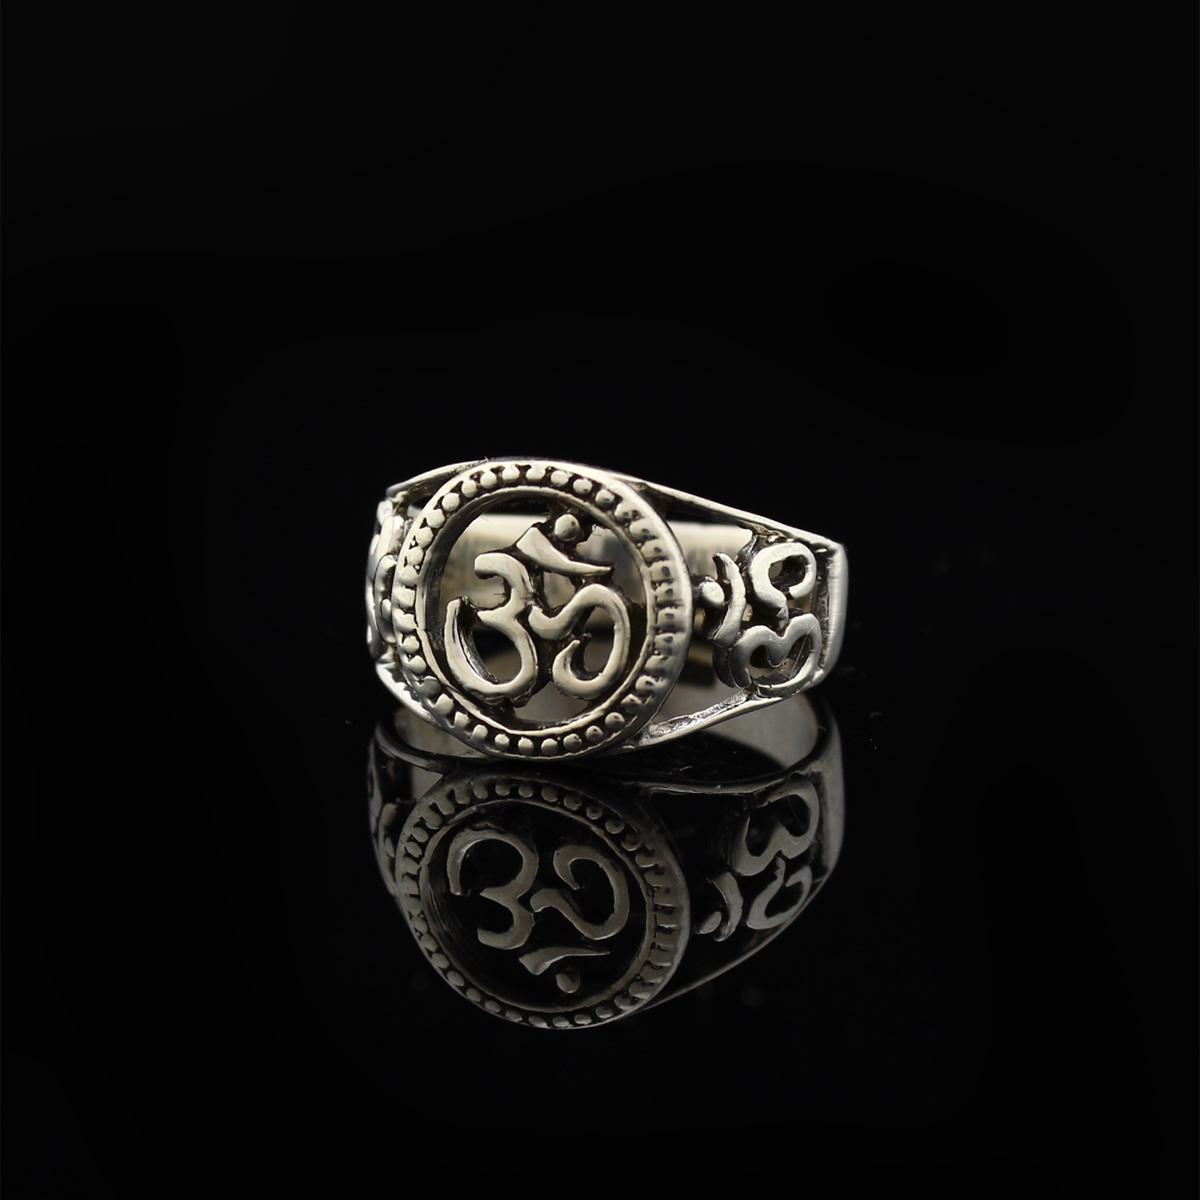 Кольцо, серебро, 5.1 г, проба 875, размер 17.5